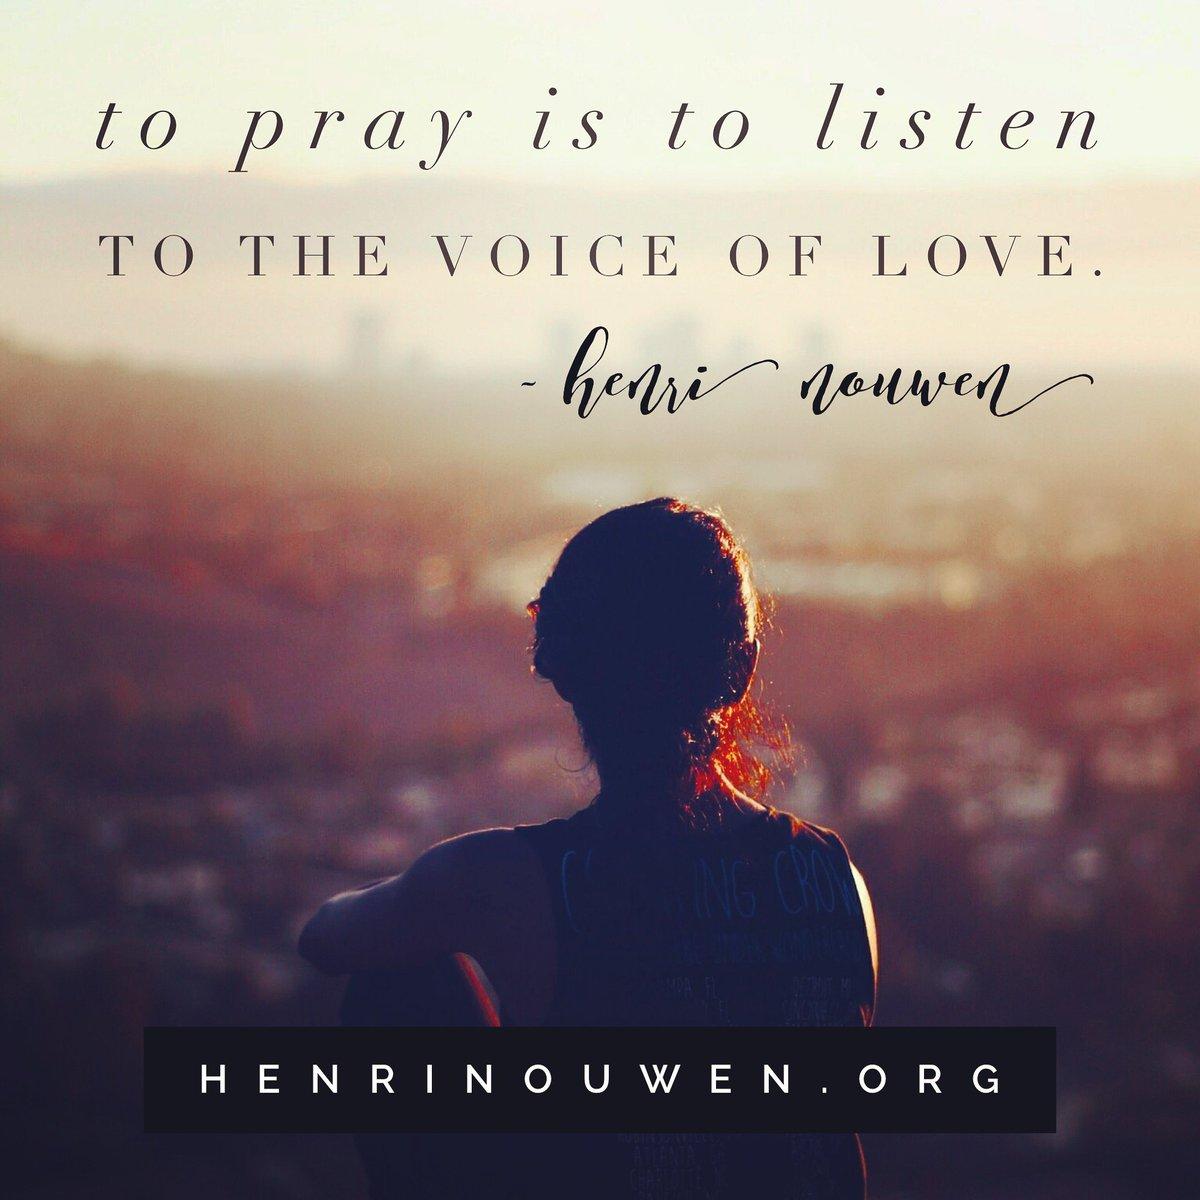 Catholic Quotes On Love Henri Nouwen Society Nouwensociety  Twitter